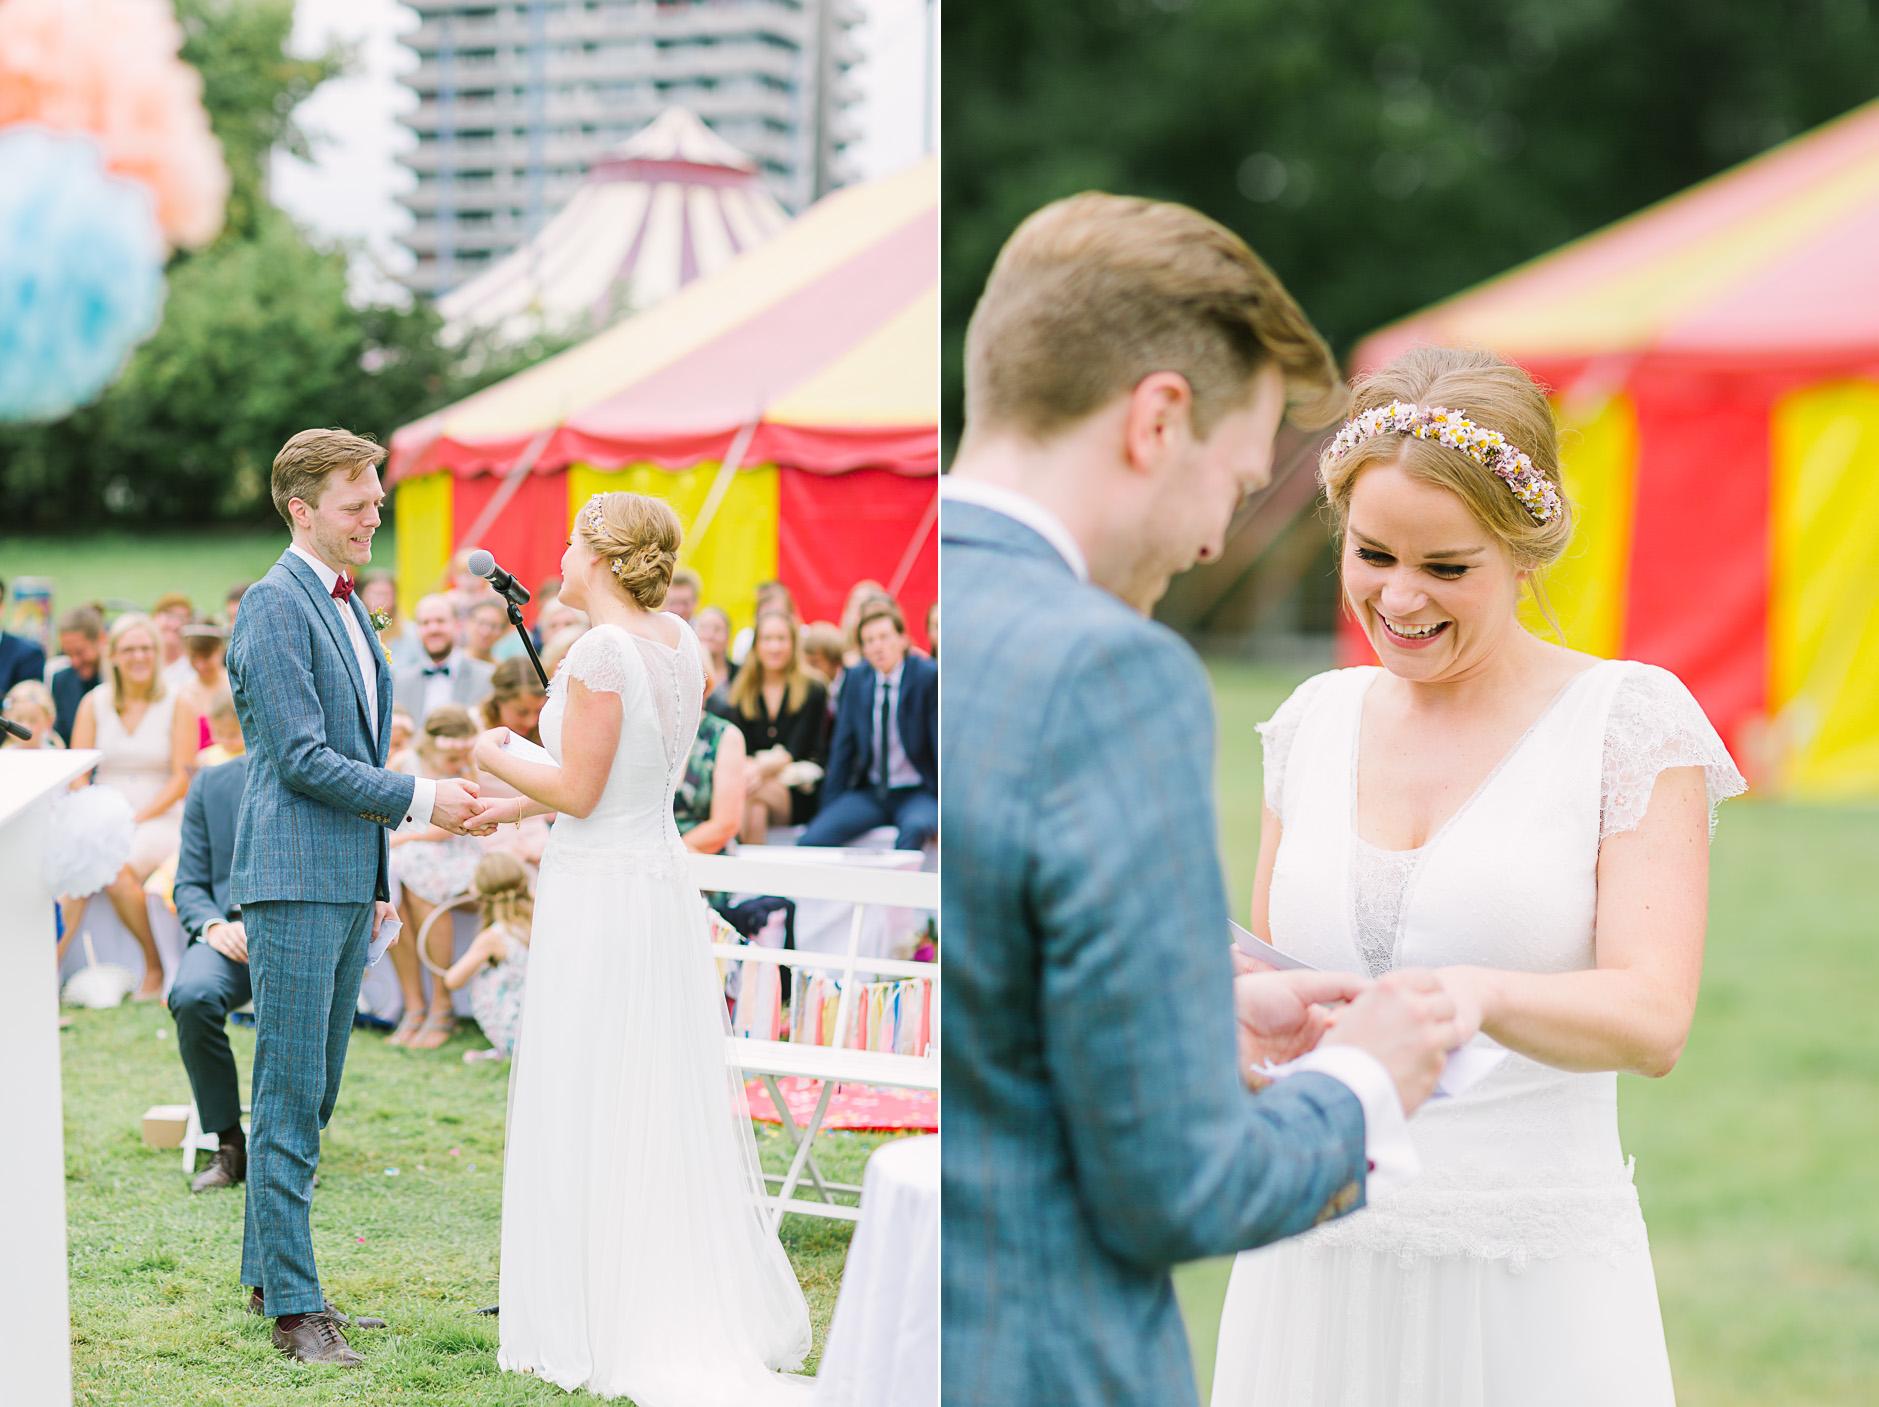 Hochzeitsfotograf Le Hai Linh Koeln Duesseldorf Bonn Zirkushochzeit Vintagehochzeit Sommerhochzeit 069.jpg